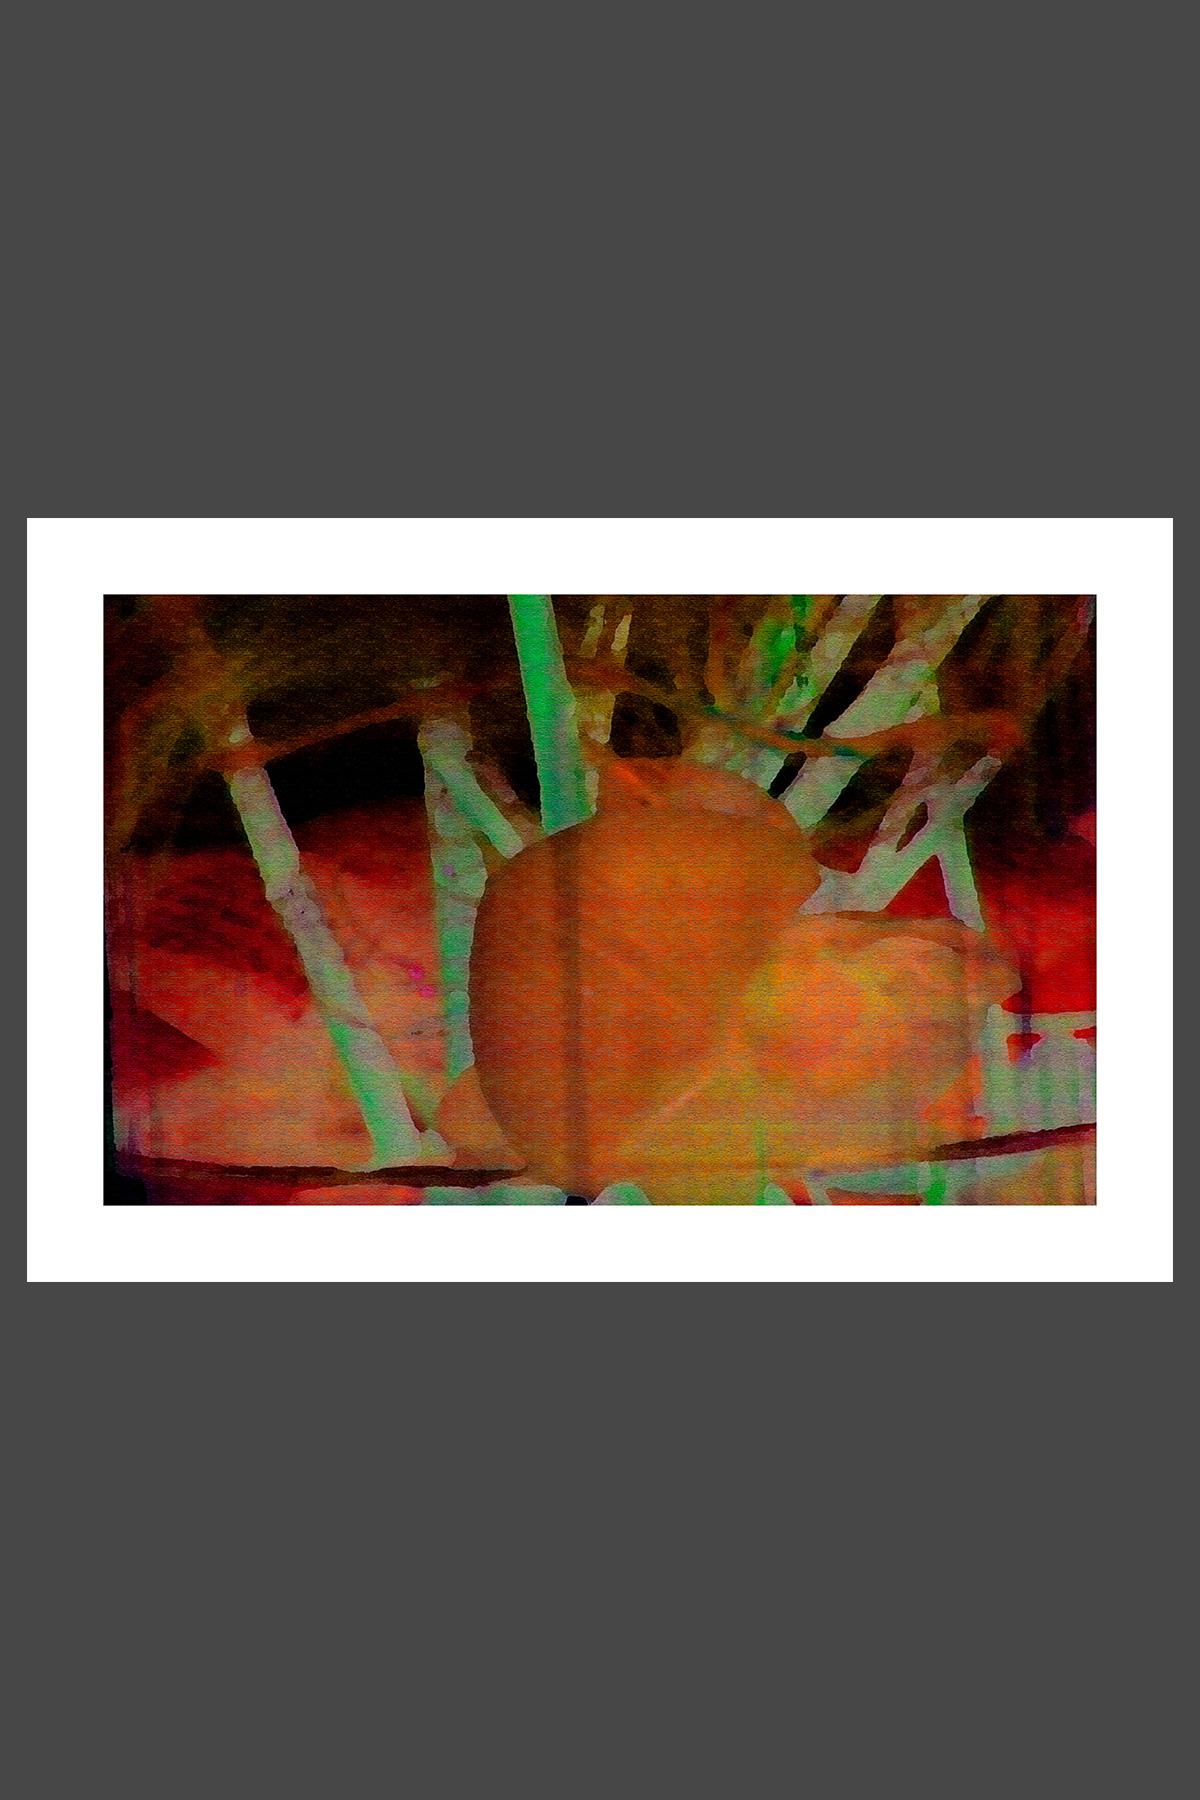 ABS-PT_0109_copy2